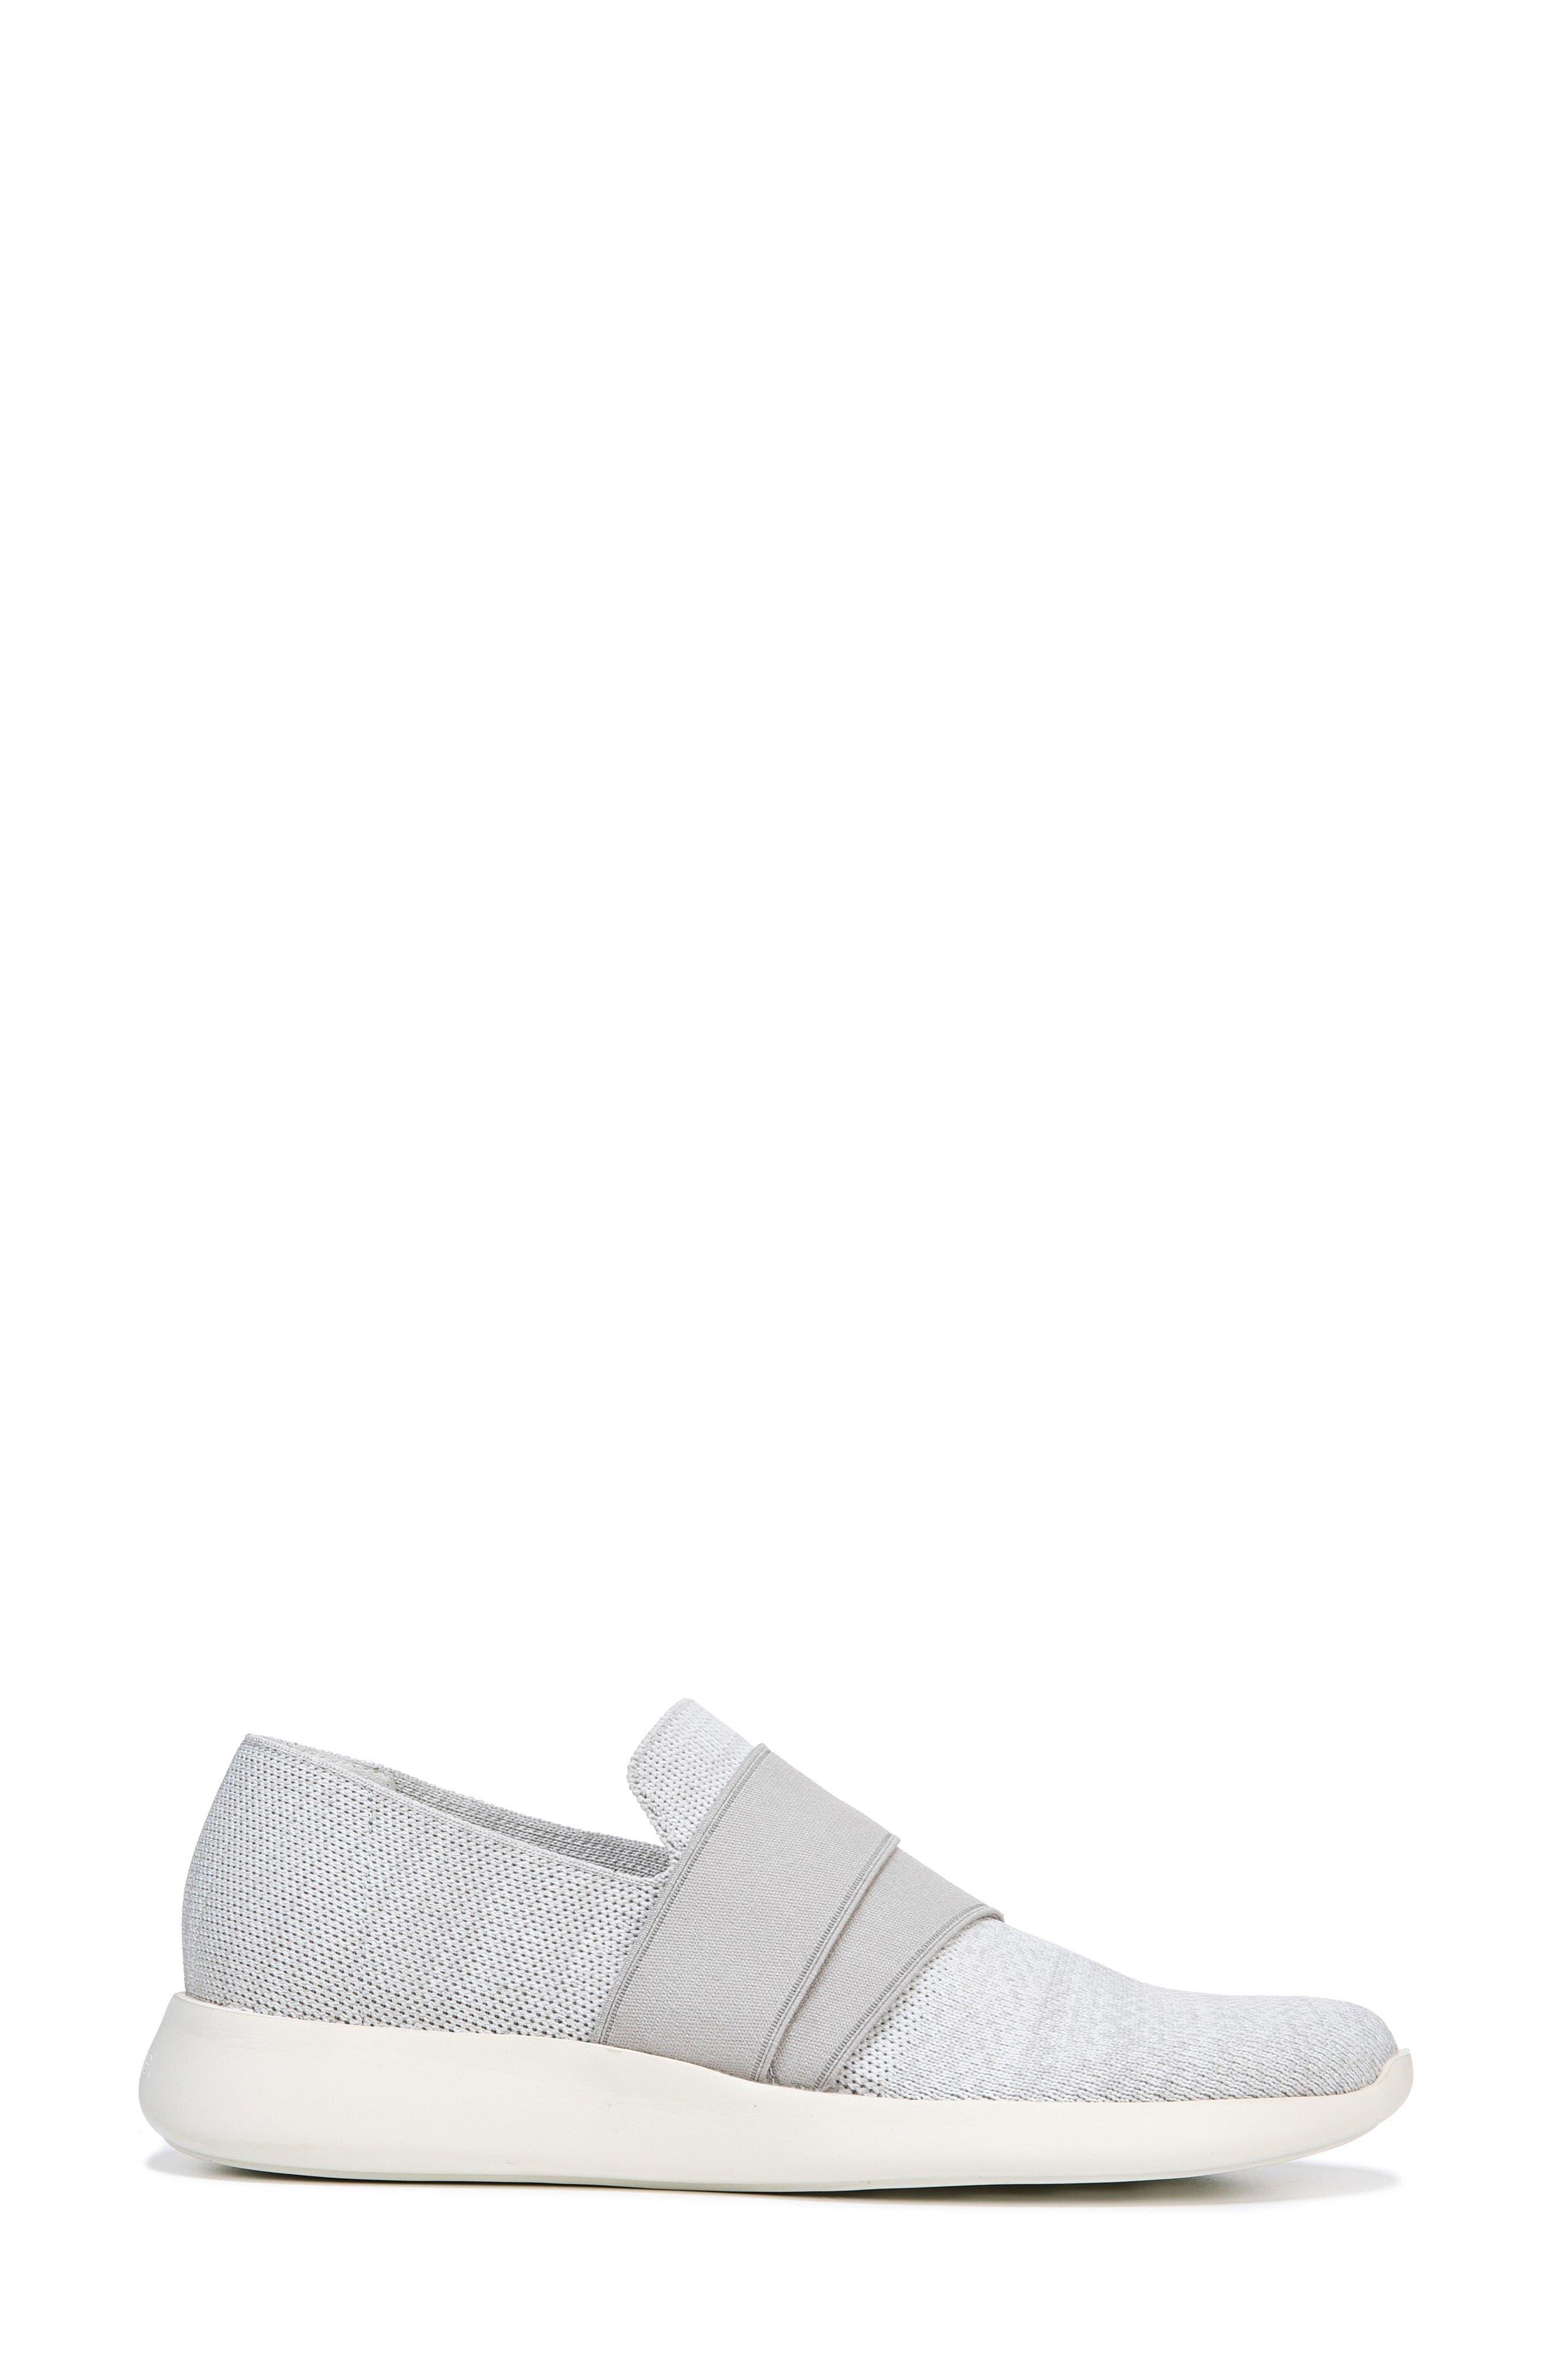 Aston Slip-On Sneaker,                             Alternate thumbnail 3, color,                             White/ Grey Marled Knit